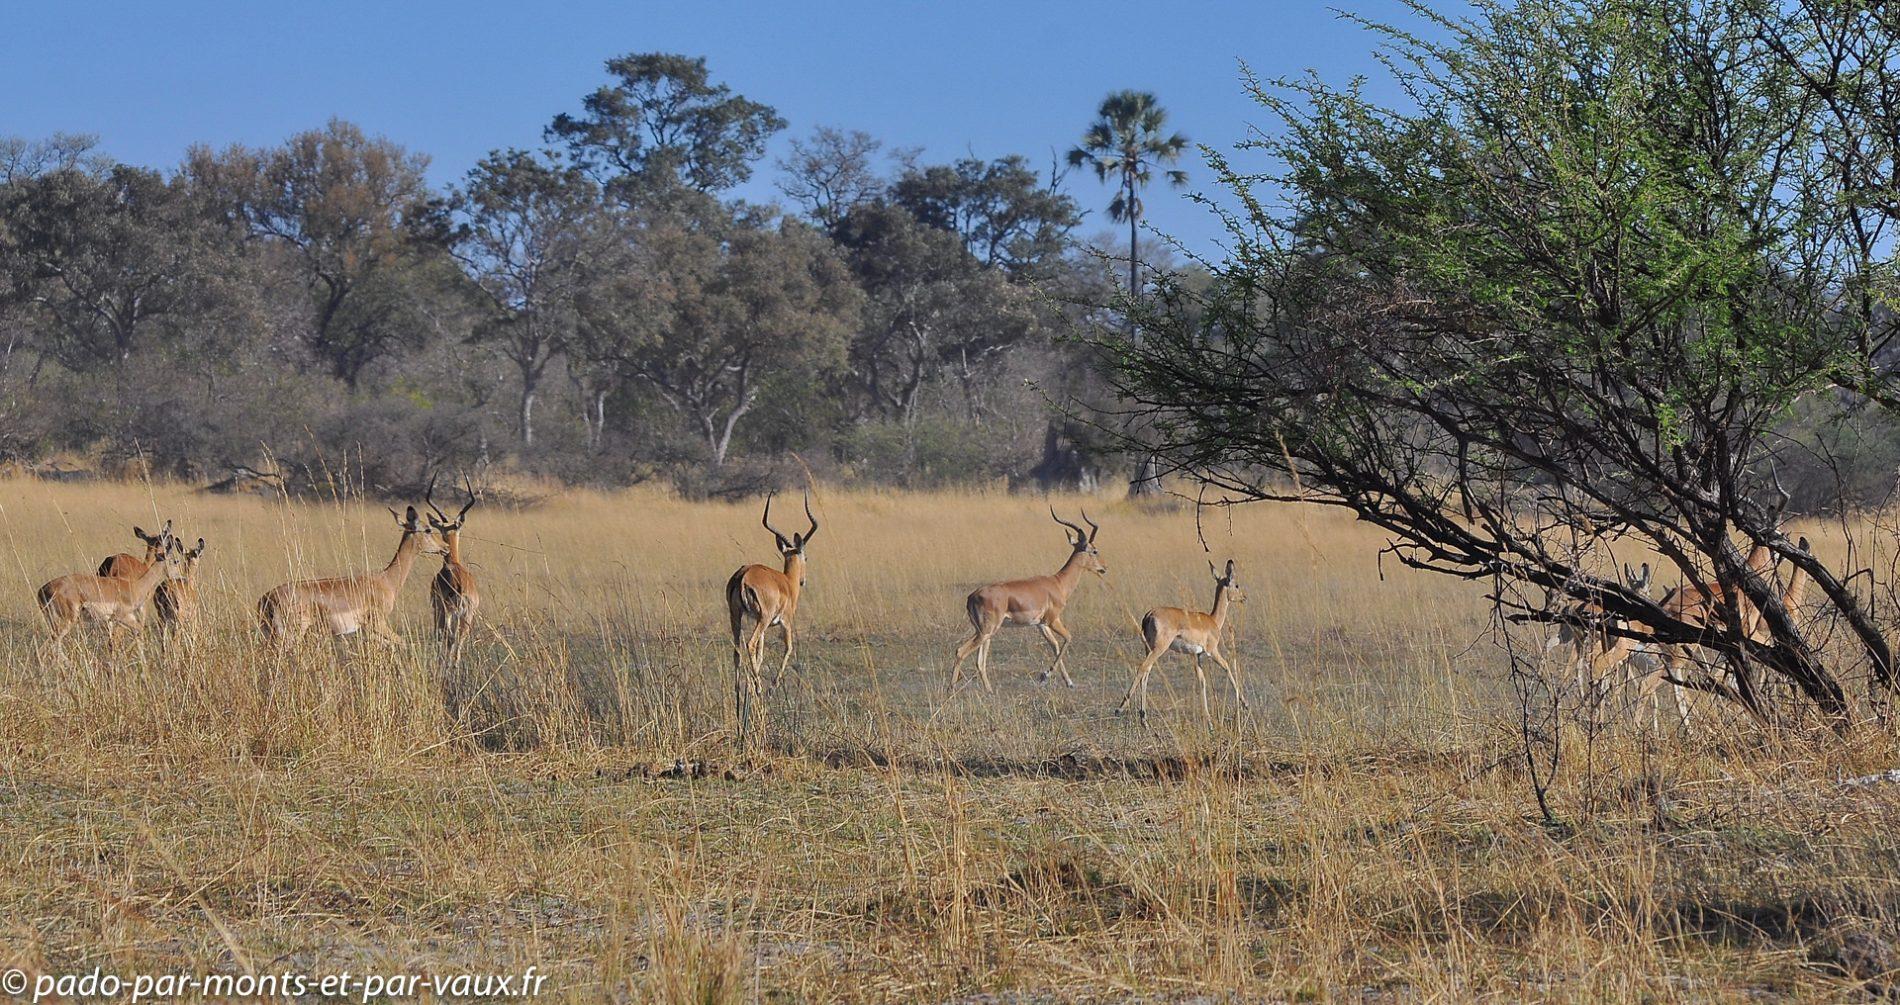 Gunn's camp - impalas